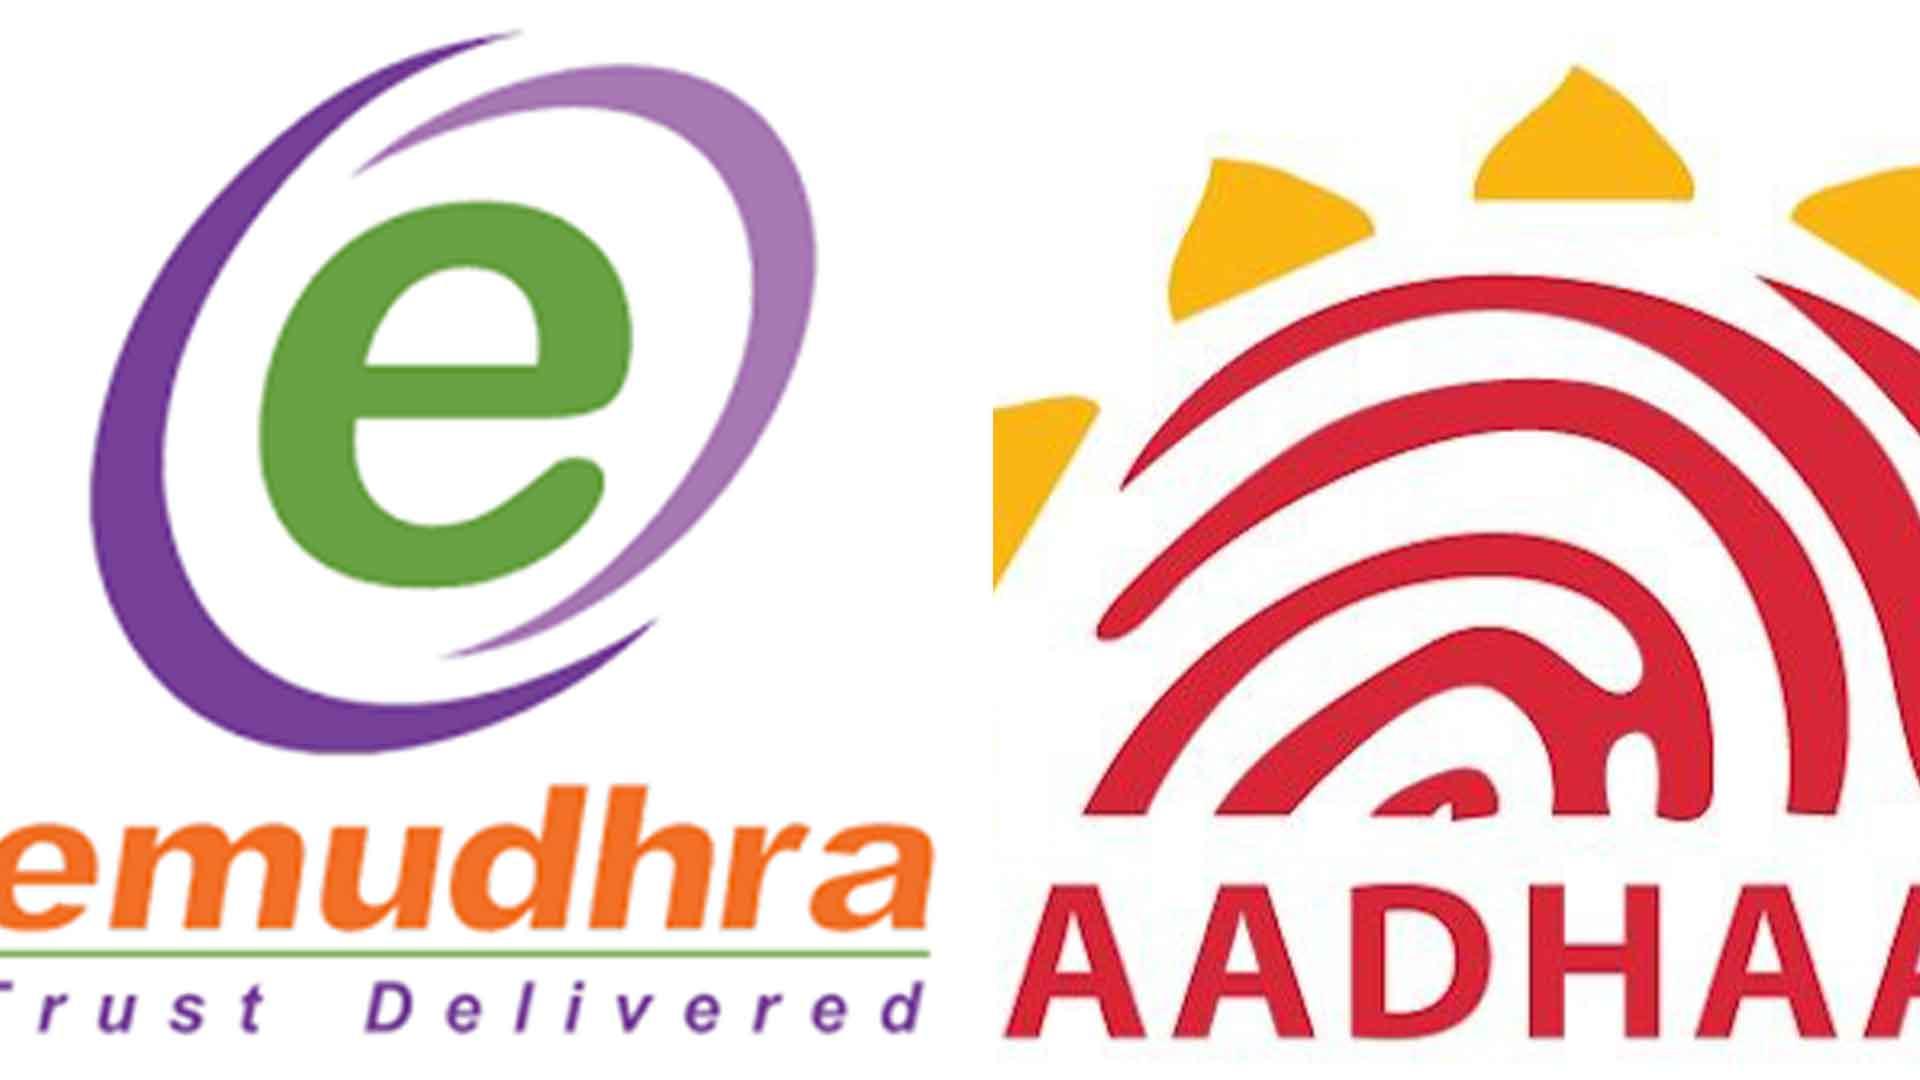 Aadhaar DSC Issuance by Emudhra